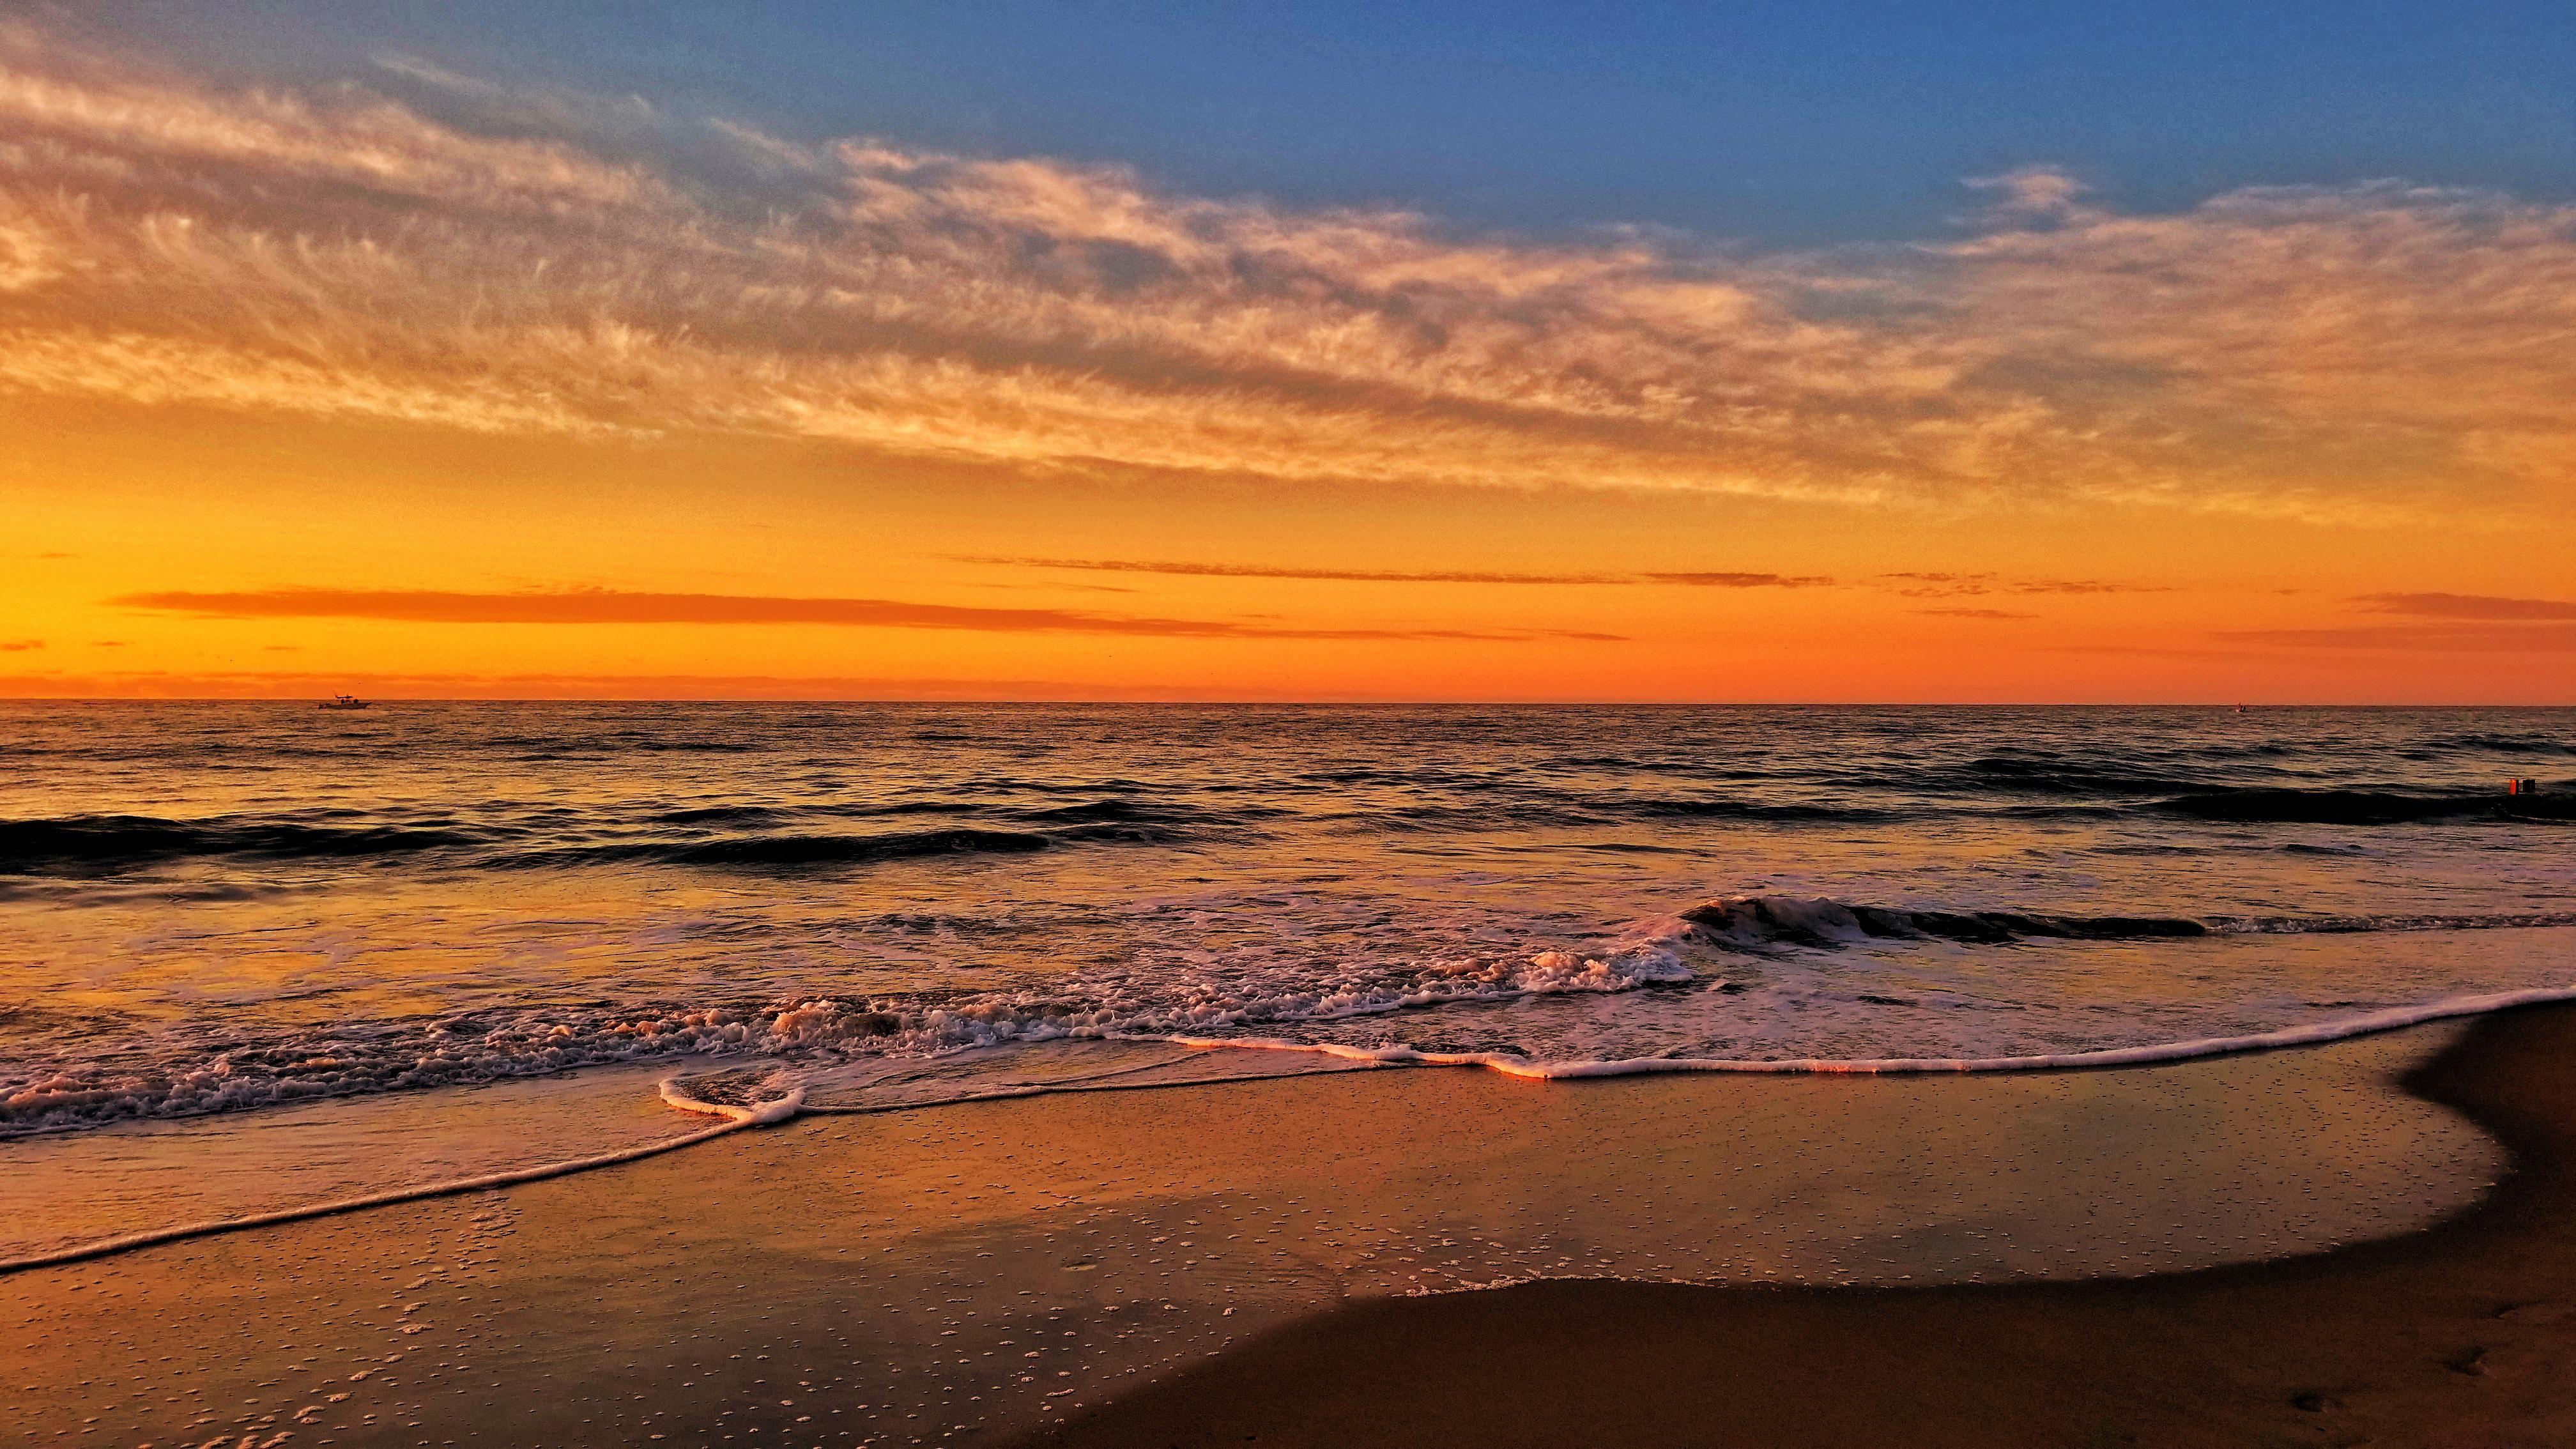 ffd8610ac97fde57f994f63928e1b108 - Sea Gardens North Myrtle Beach South Carolina